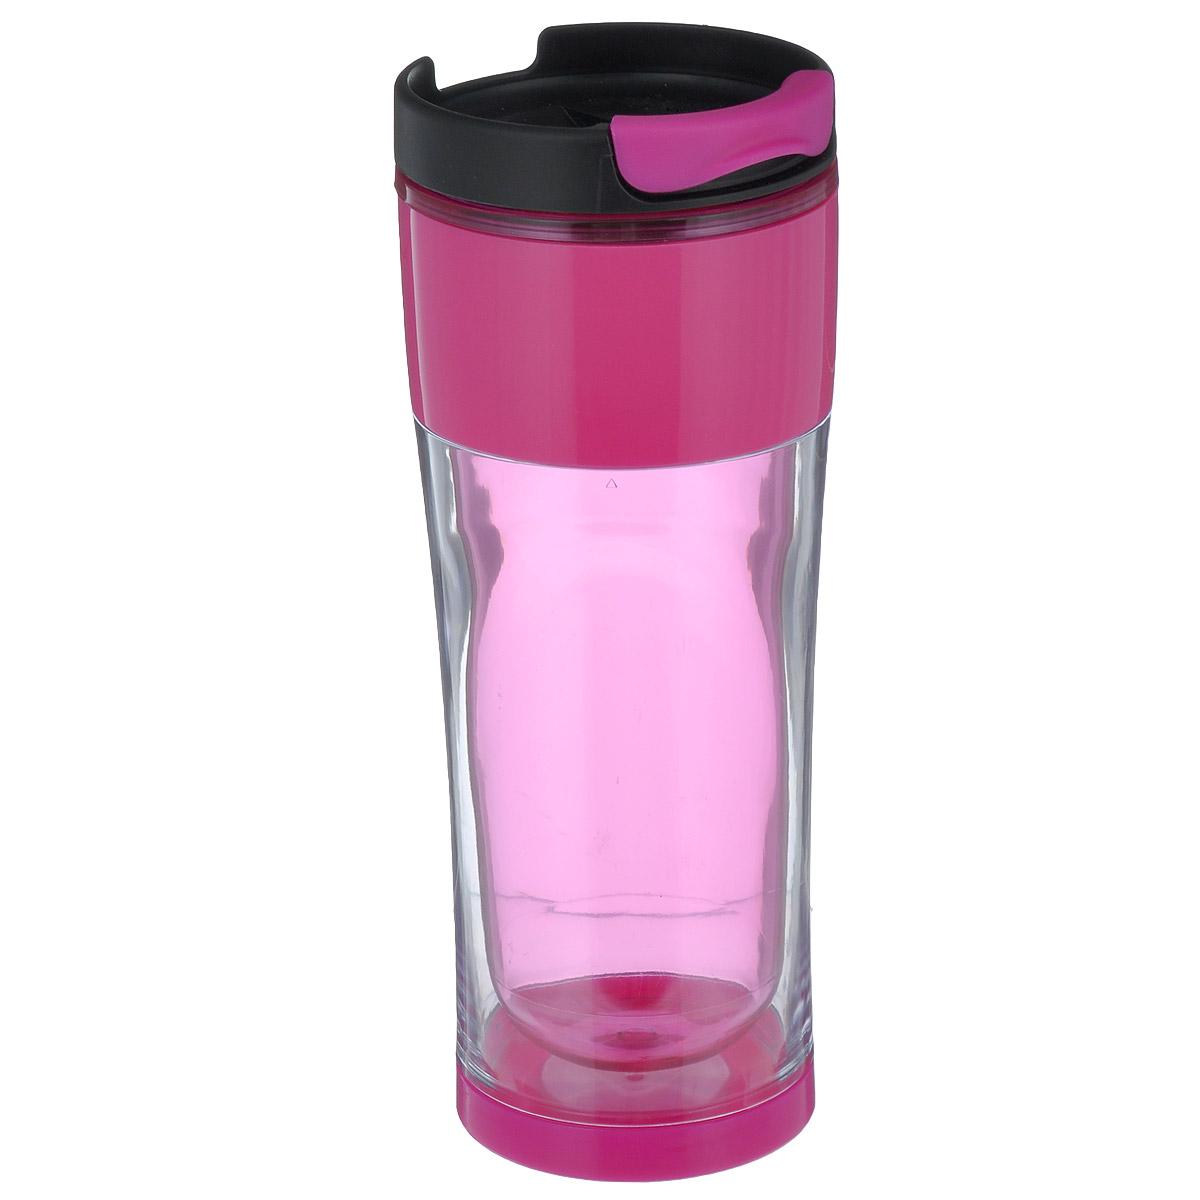 Кружка дорожная Cool Gear Design для горячих напитков, цвет: прозрачный, розовый, черный, 420 мл. 1873VT-1520(SR)Дорожная кружка Cool Gear Design изготовлена из высококачественного BPA-free пластика, не содержащего токсичных веществ. Двойные стенки дольше сохраняют напиток горячим и не обжигают руки. Надежная закручивающаяся крышка с защитой от проливания обеспечит дополнительную безопасность. Крышка оснащена клапаном для питья. Оптимальный объем позволит взять с собой большую порцию горячего кофе или чая. Идеально подходит для холодных напитков. Оригинальный дизайн, яркие, жизнерадостные цвета и эргономичная форма превращают кружку в стильный и функциональный аксессуар.Кружка идеальна для ежедневного использования. Она станет вашим неотъемлемым спутником в длительных поездках или занятиях зимними видами спорта.Не рекомендуется использовать в микроволновой печи и мыть в посудомоечной машине.Диаметр кружки по верхнему краю: 8 см.Высота кружки (с учетом крышки): 21 см.